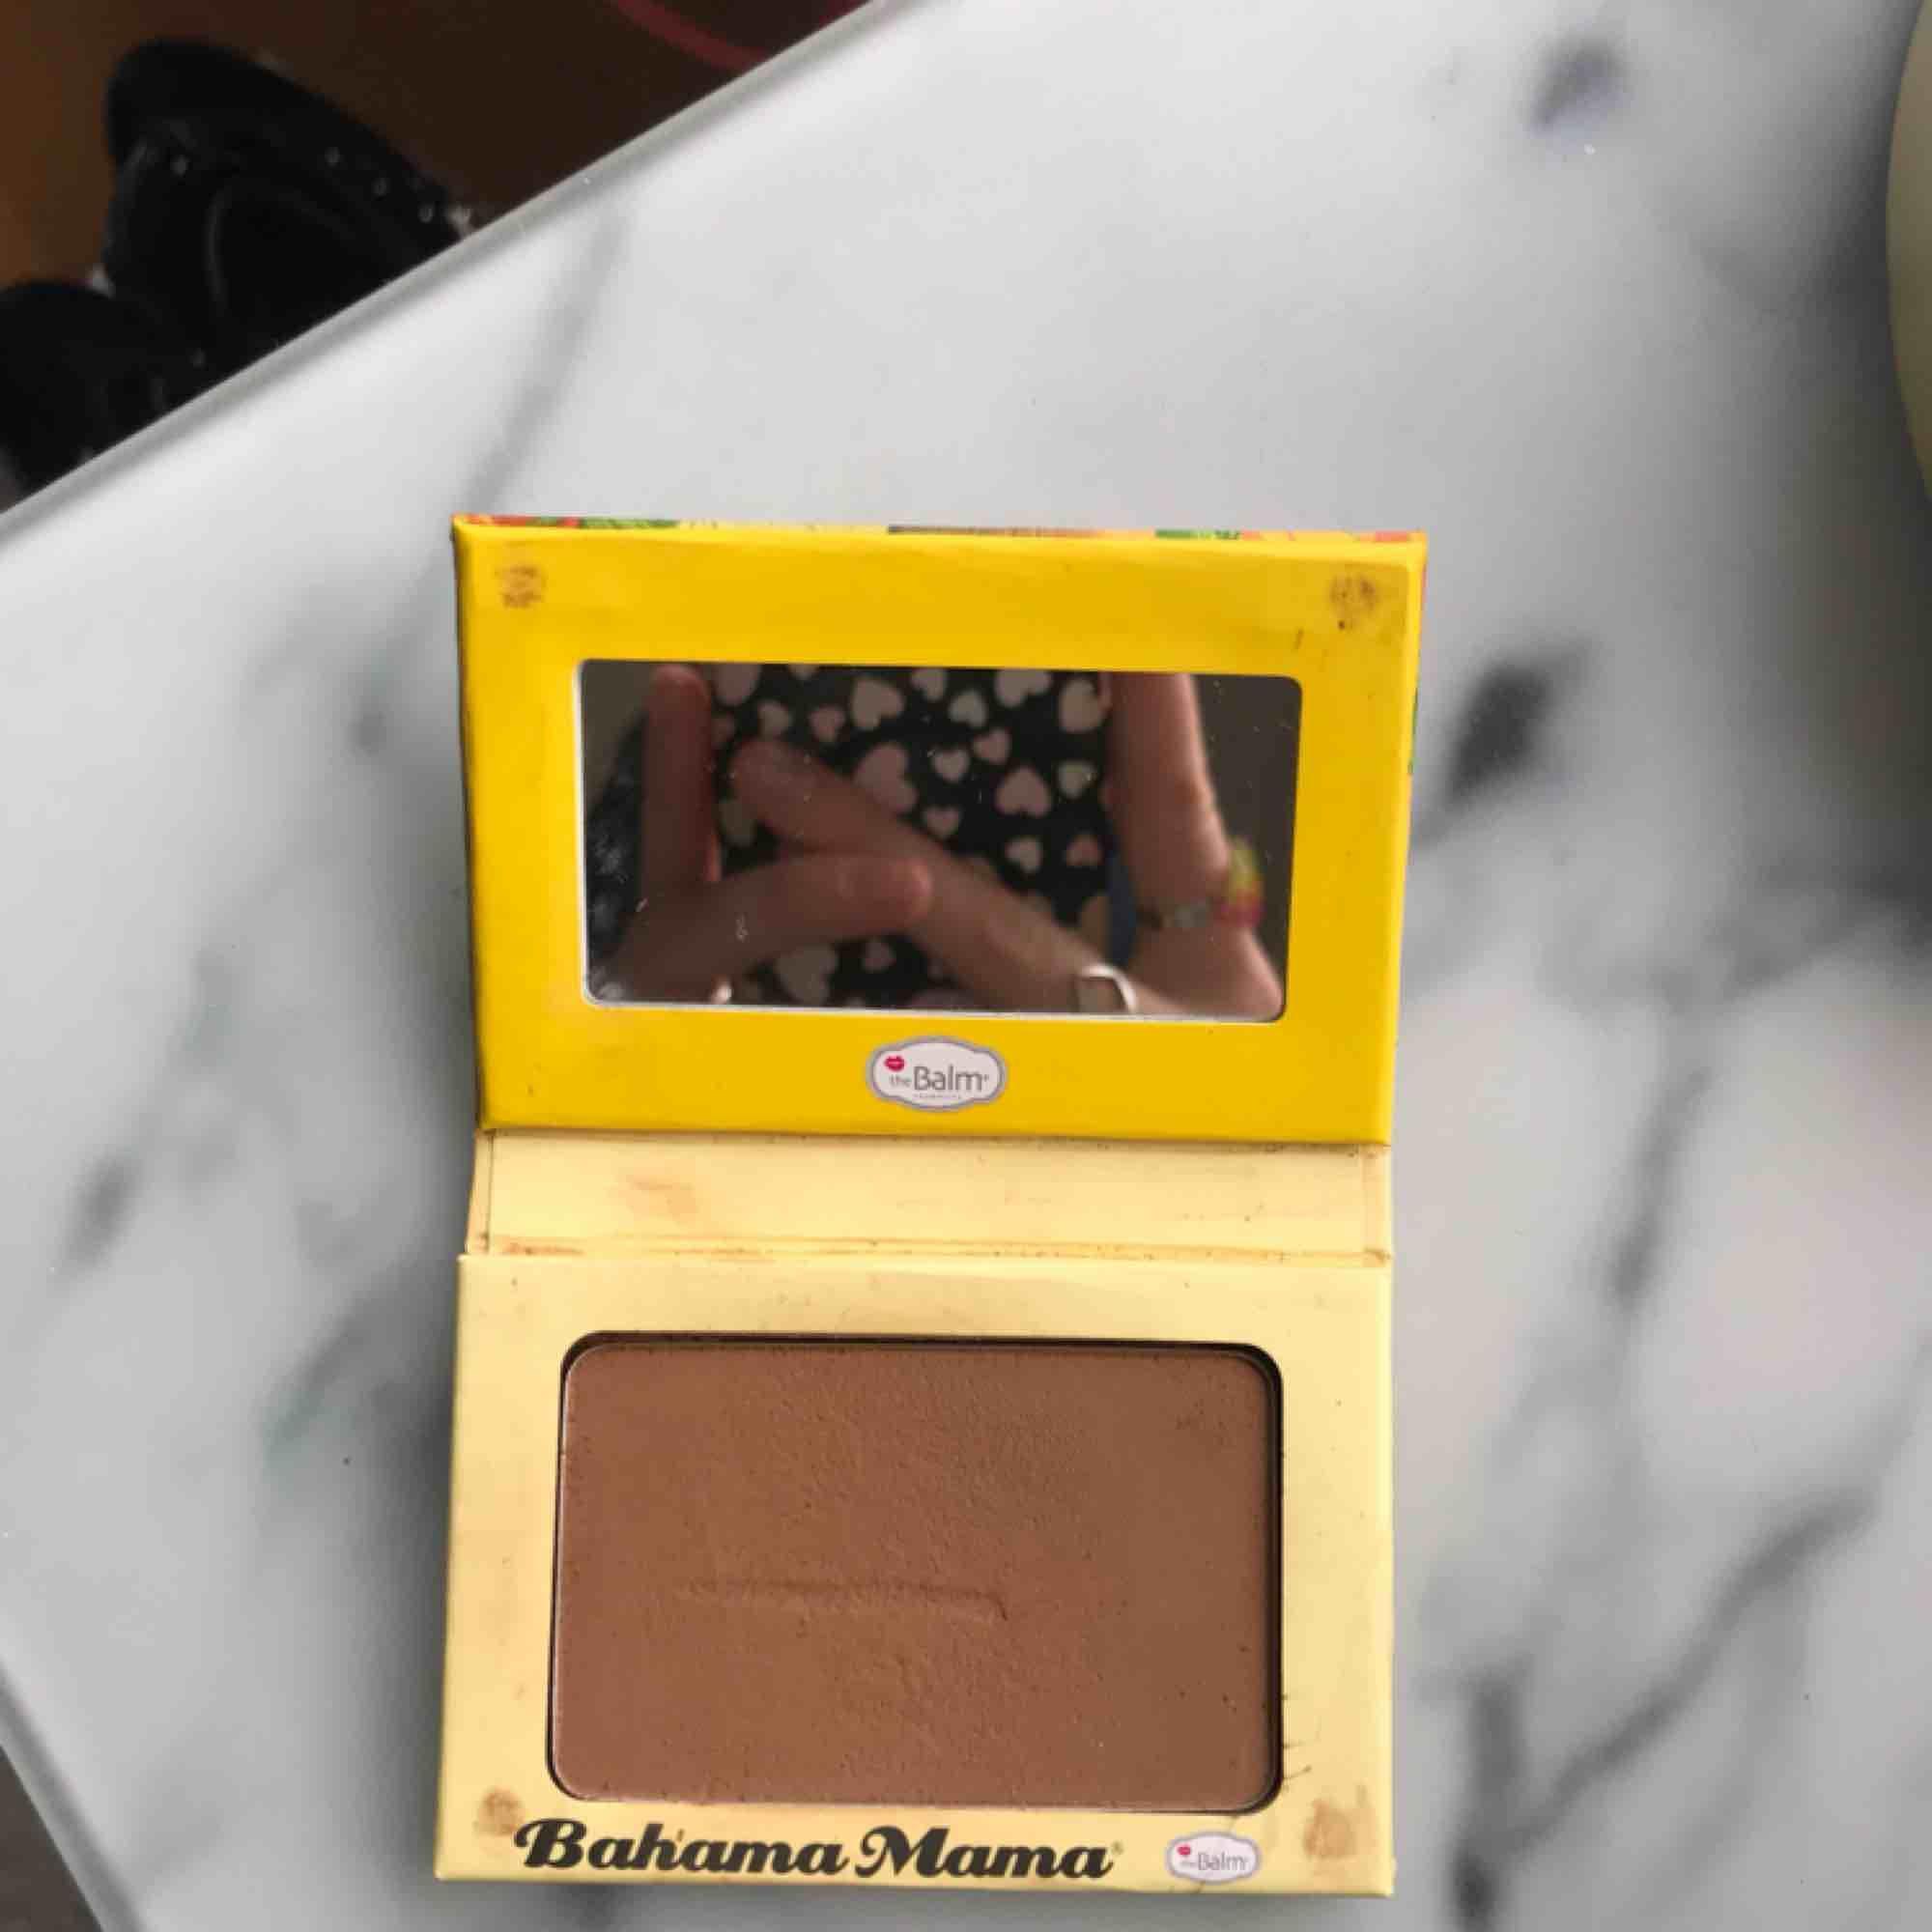 Tre jätte najs smink produkter från The Balm. Kittet innehåller: bahama mama contour, bronzer, blush. Alla är endast testade! Org pris: 600 kr Mitt pris: 150 kr💖. Accessoarer.